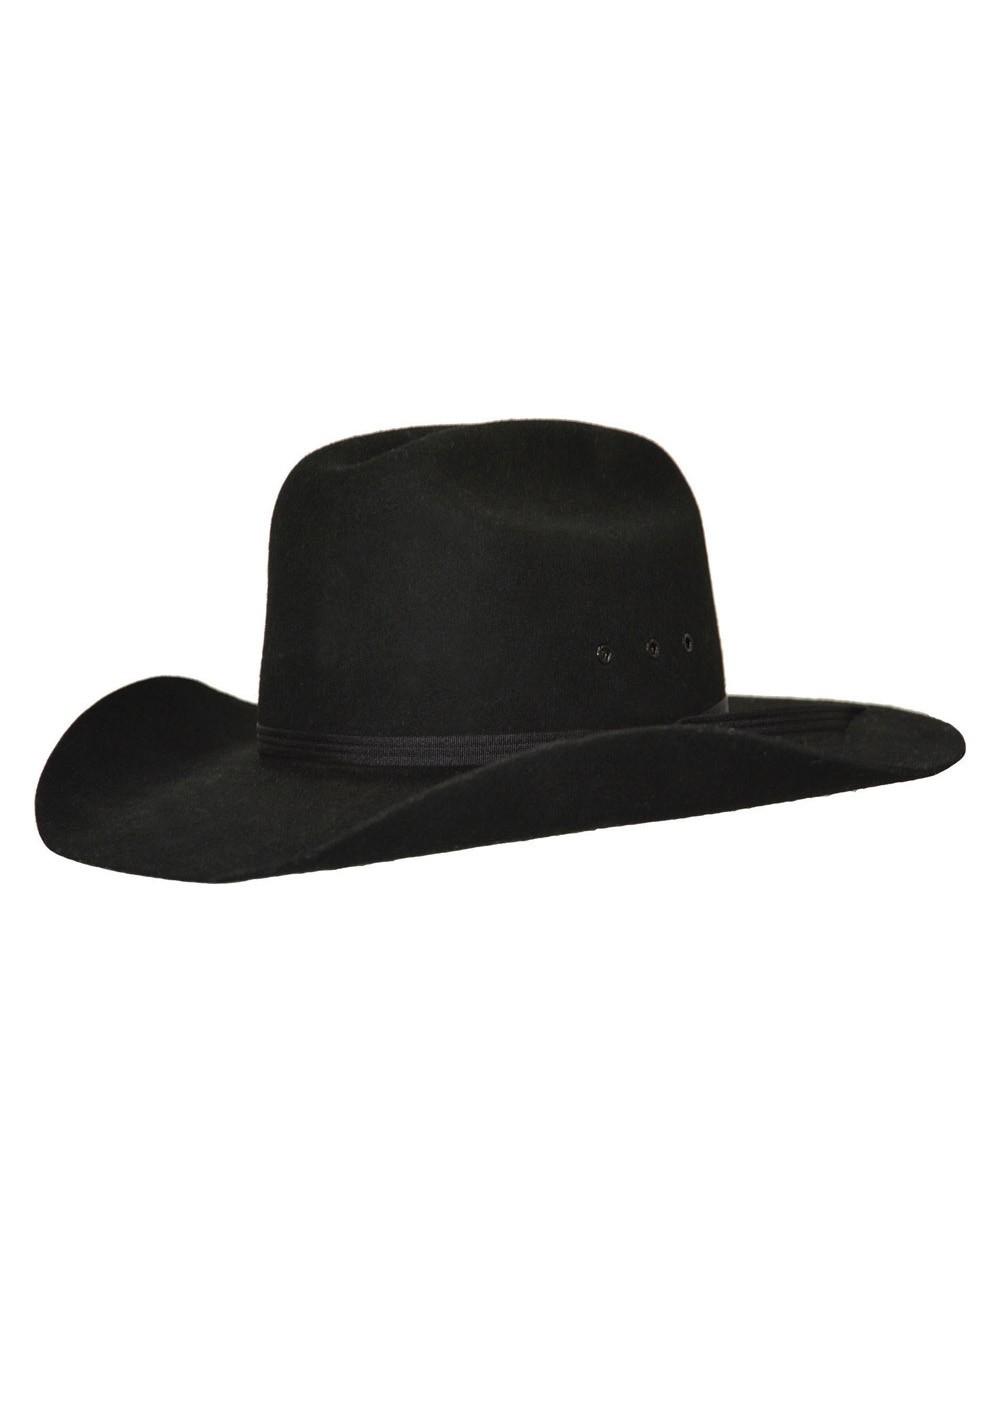 91dac8b0719 Pure Western Tornado Hat